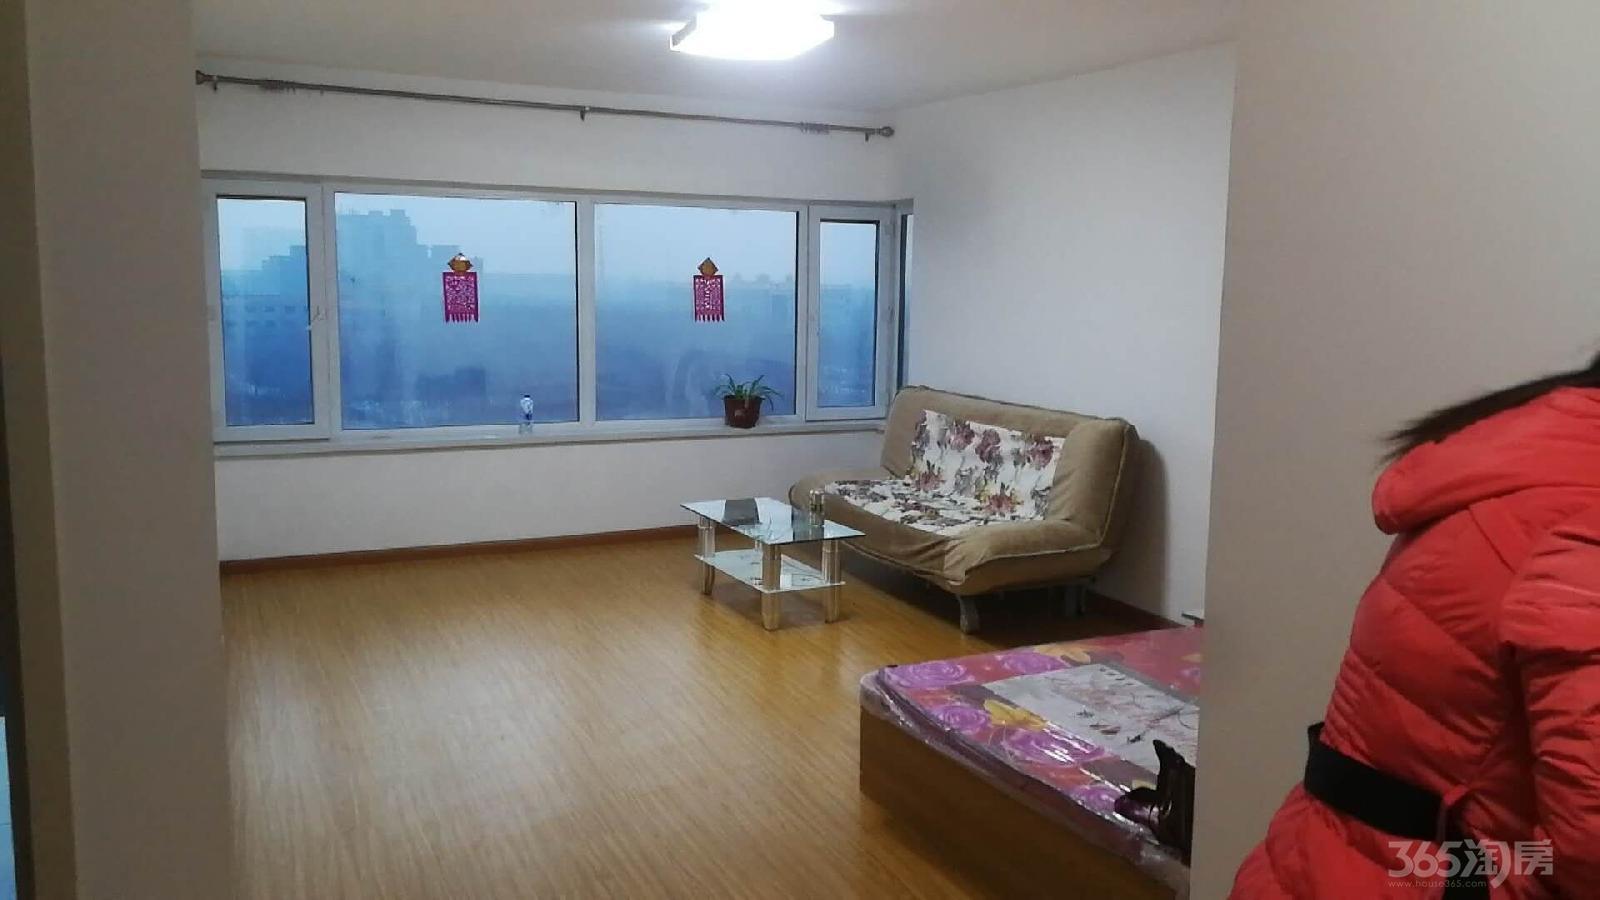 柒季城3室0厅2卫142平米整租中装